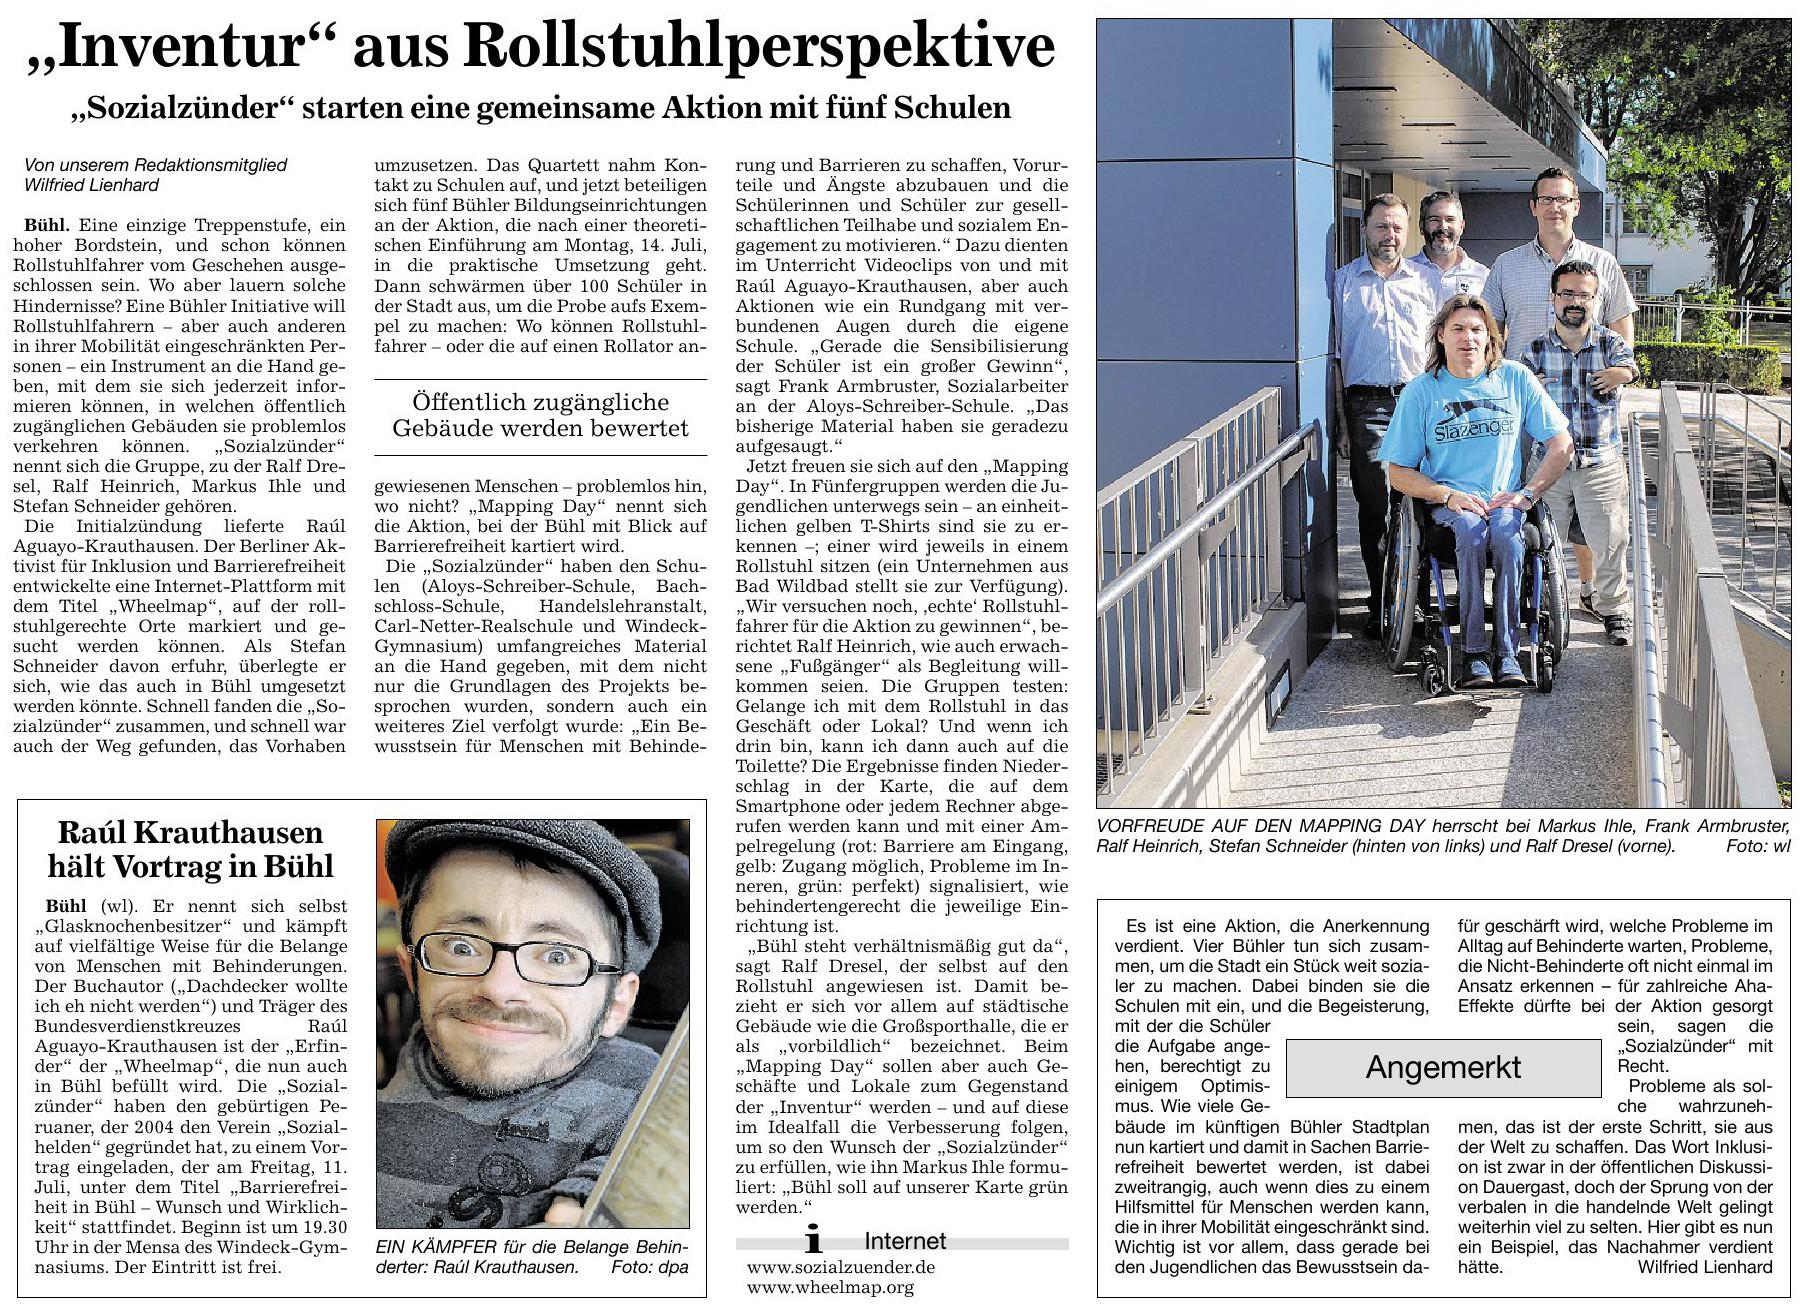 """Badische Neueste Nachrichten, 01.07.2014: """"'Inventur' aus Rollstuhlperspektive"""""""